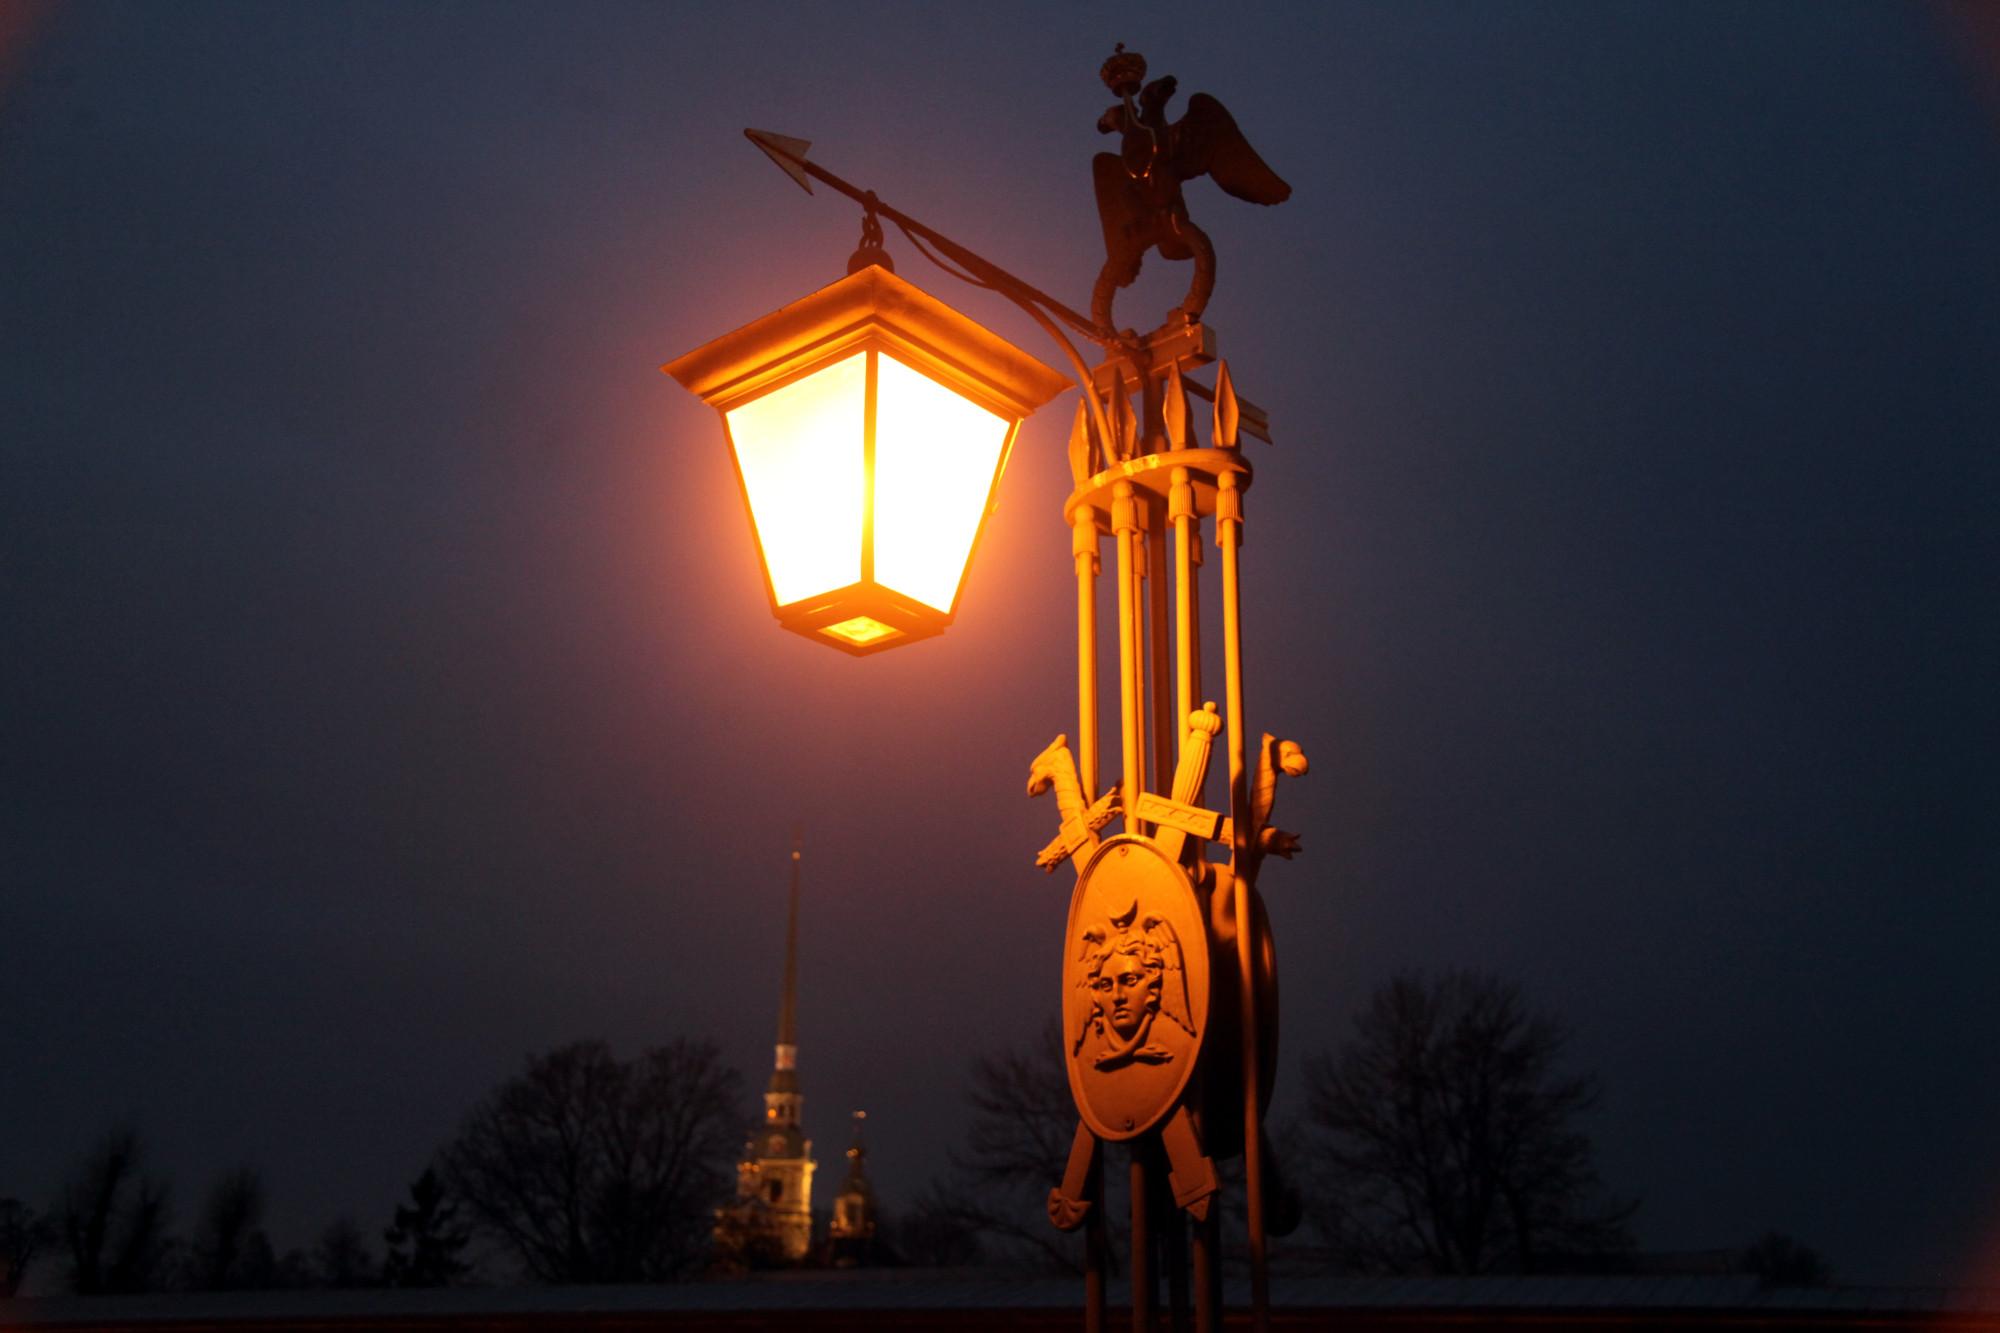 фонарь уличное освещение петропавловская крепость